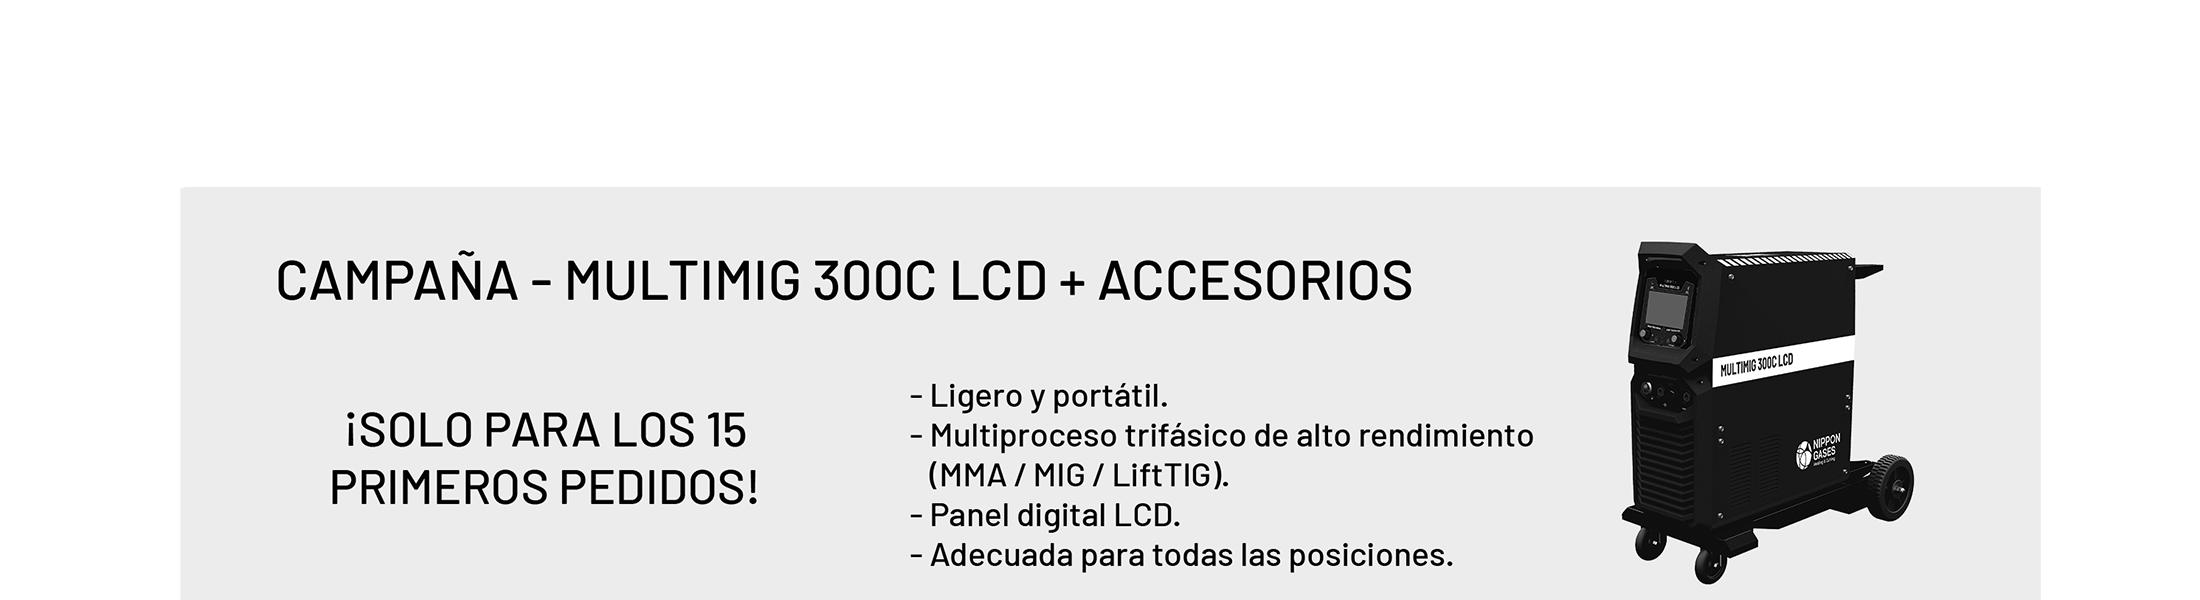 MULTIMIG_300C_LCD_ACCESORIOS_-_BANNER